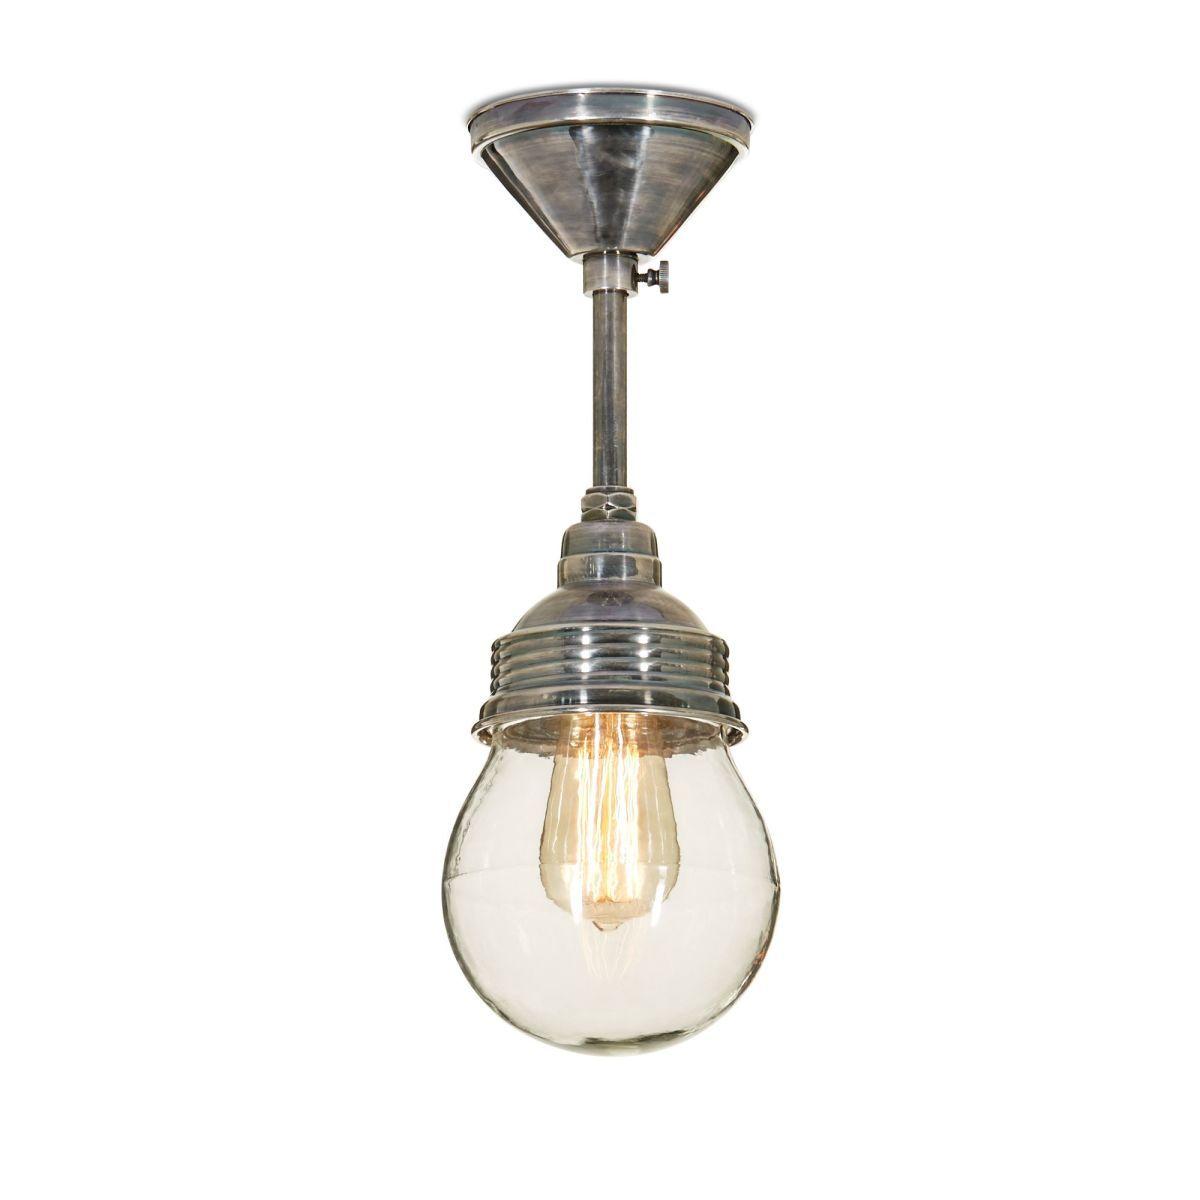 Wunderbar Ausgefallene Deckenlampen Foto Von Deckenleuchte, Glas, Metall | Deckenleuchten | Beleuchtung